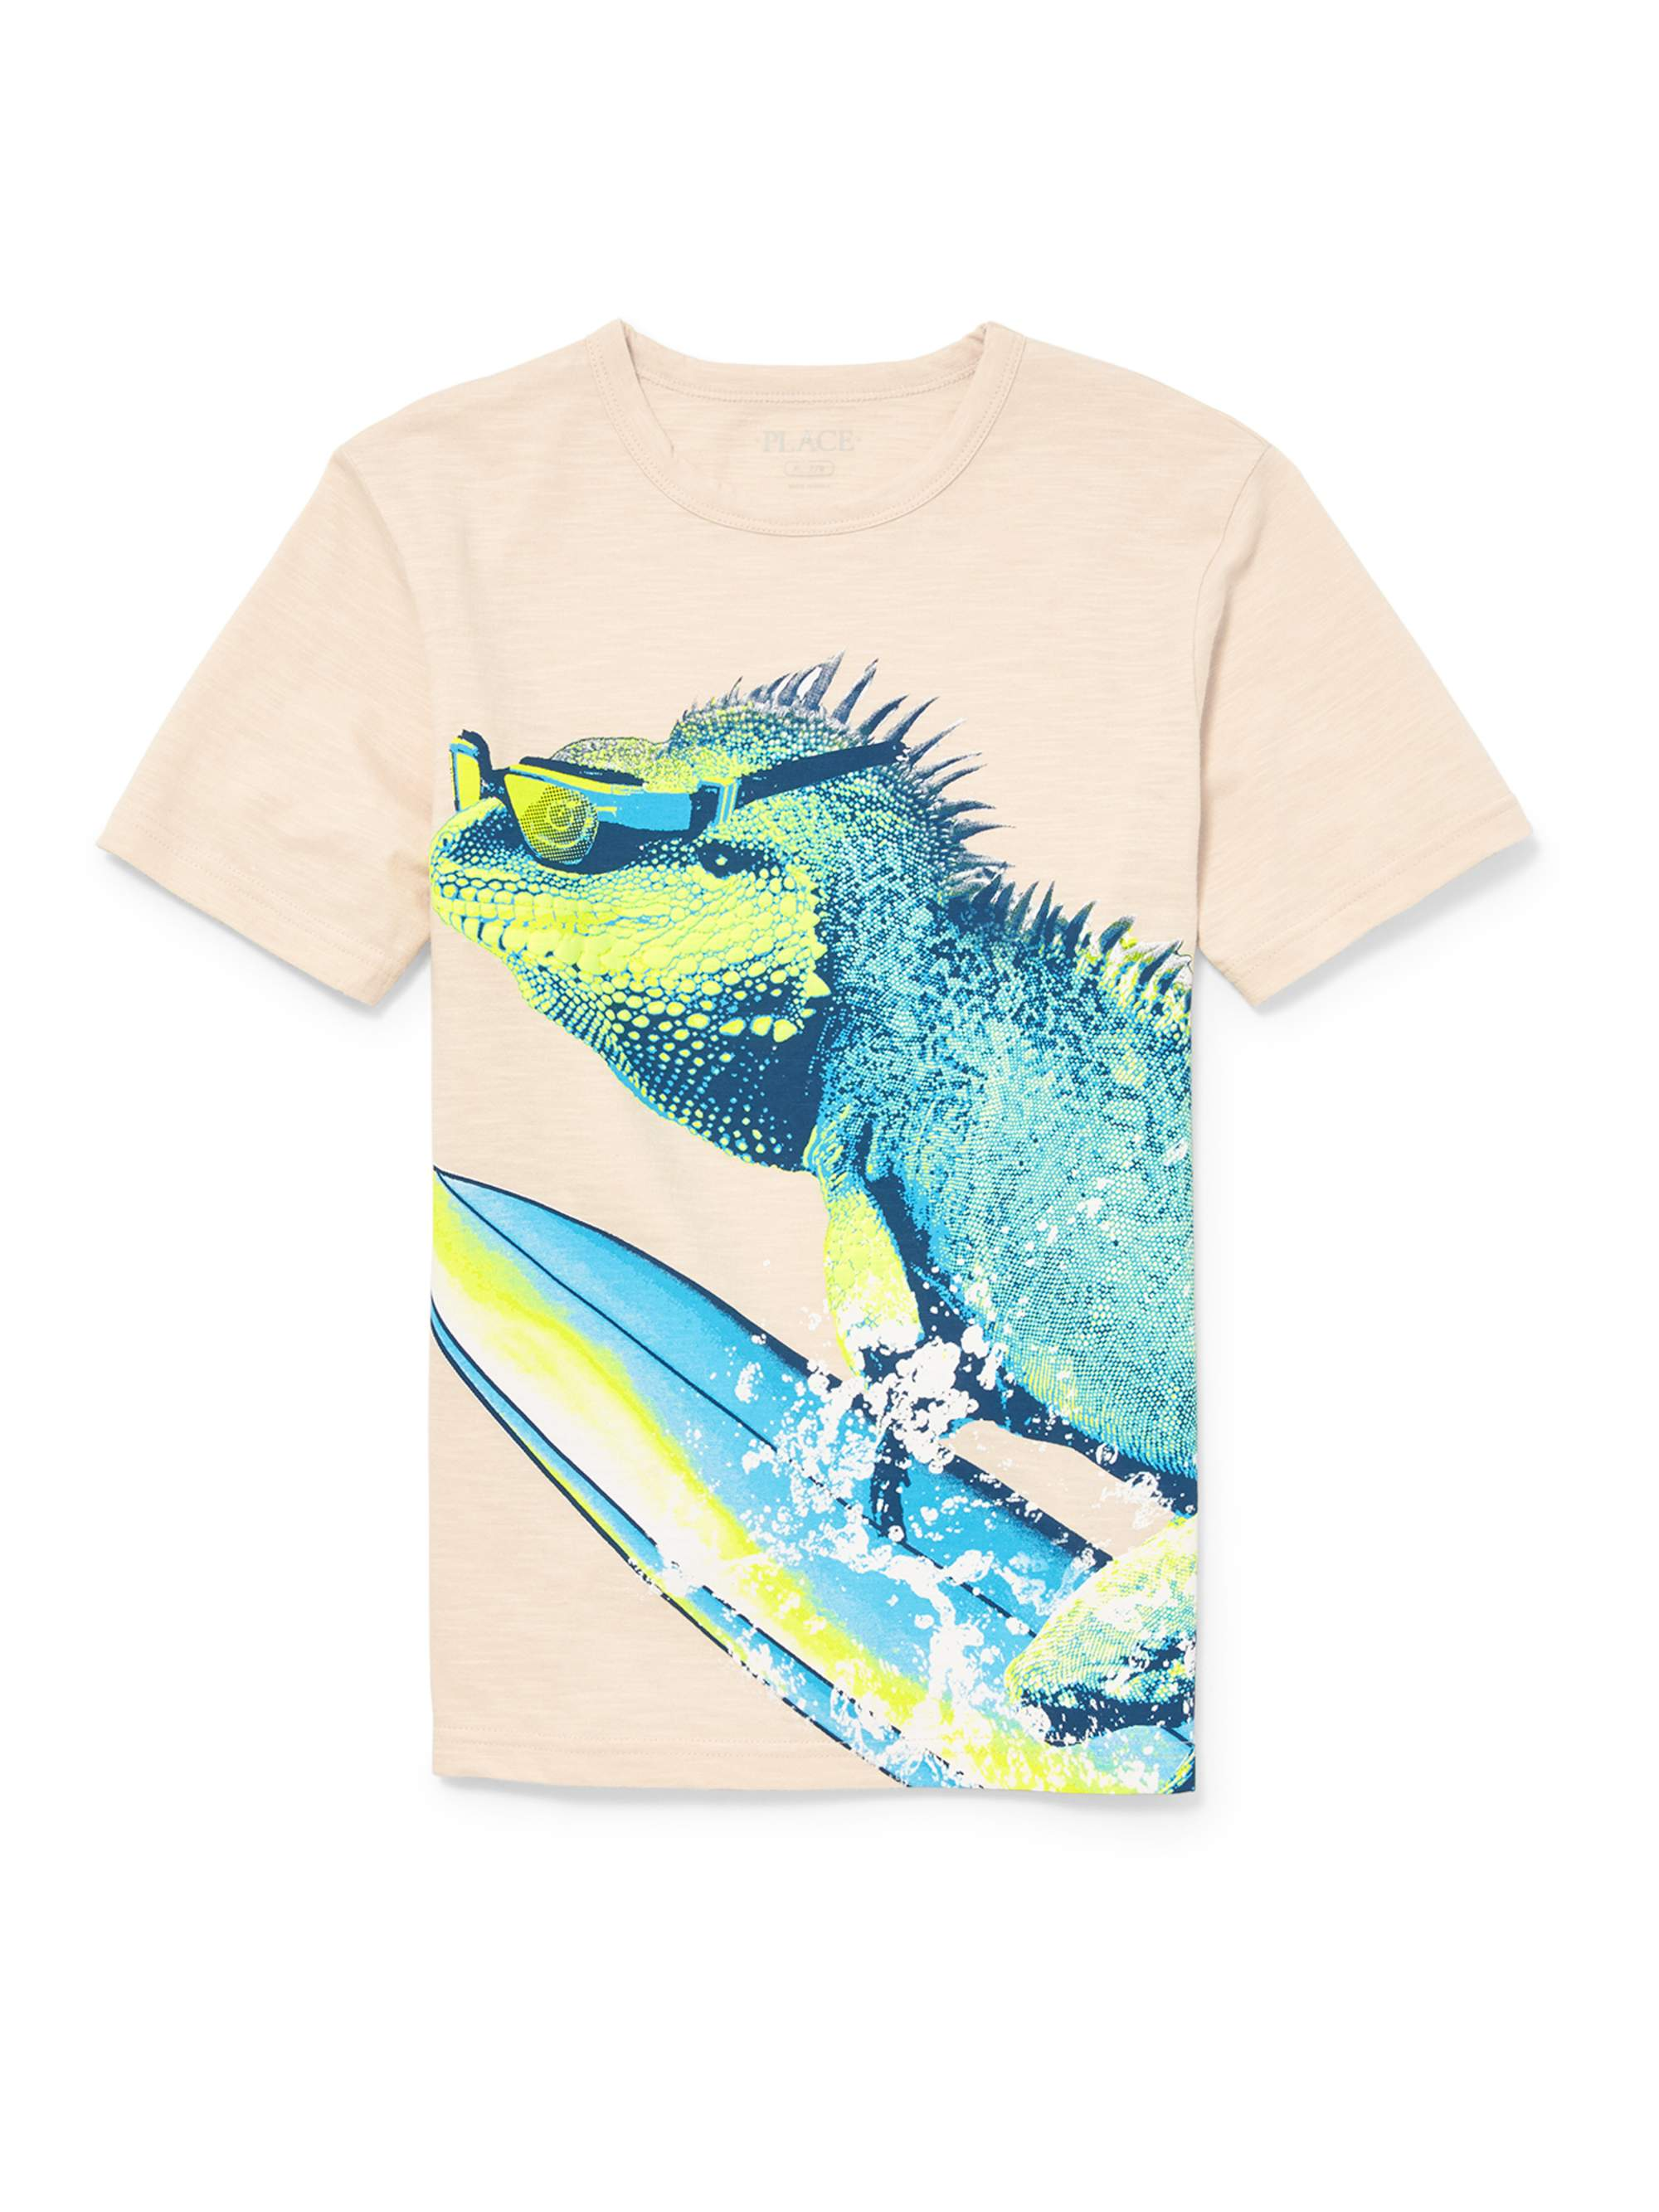 The Children's Place Boy's Surfing Iguana Graphic Tee